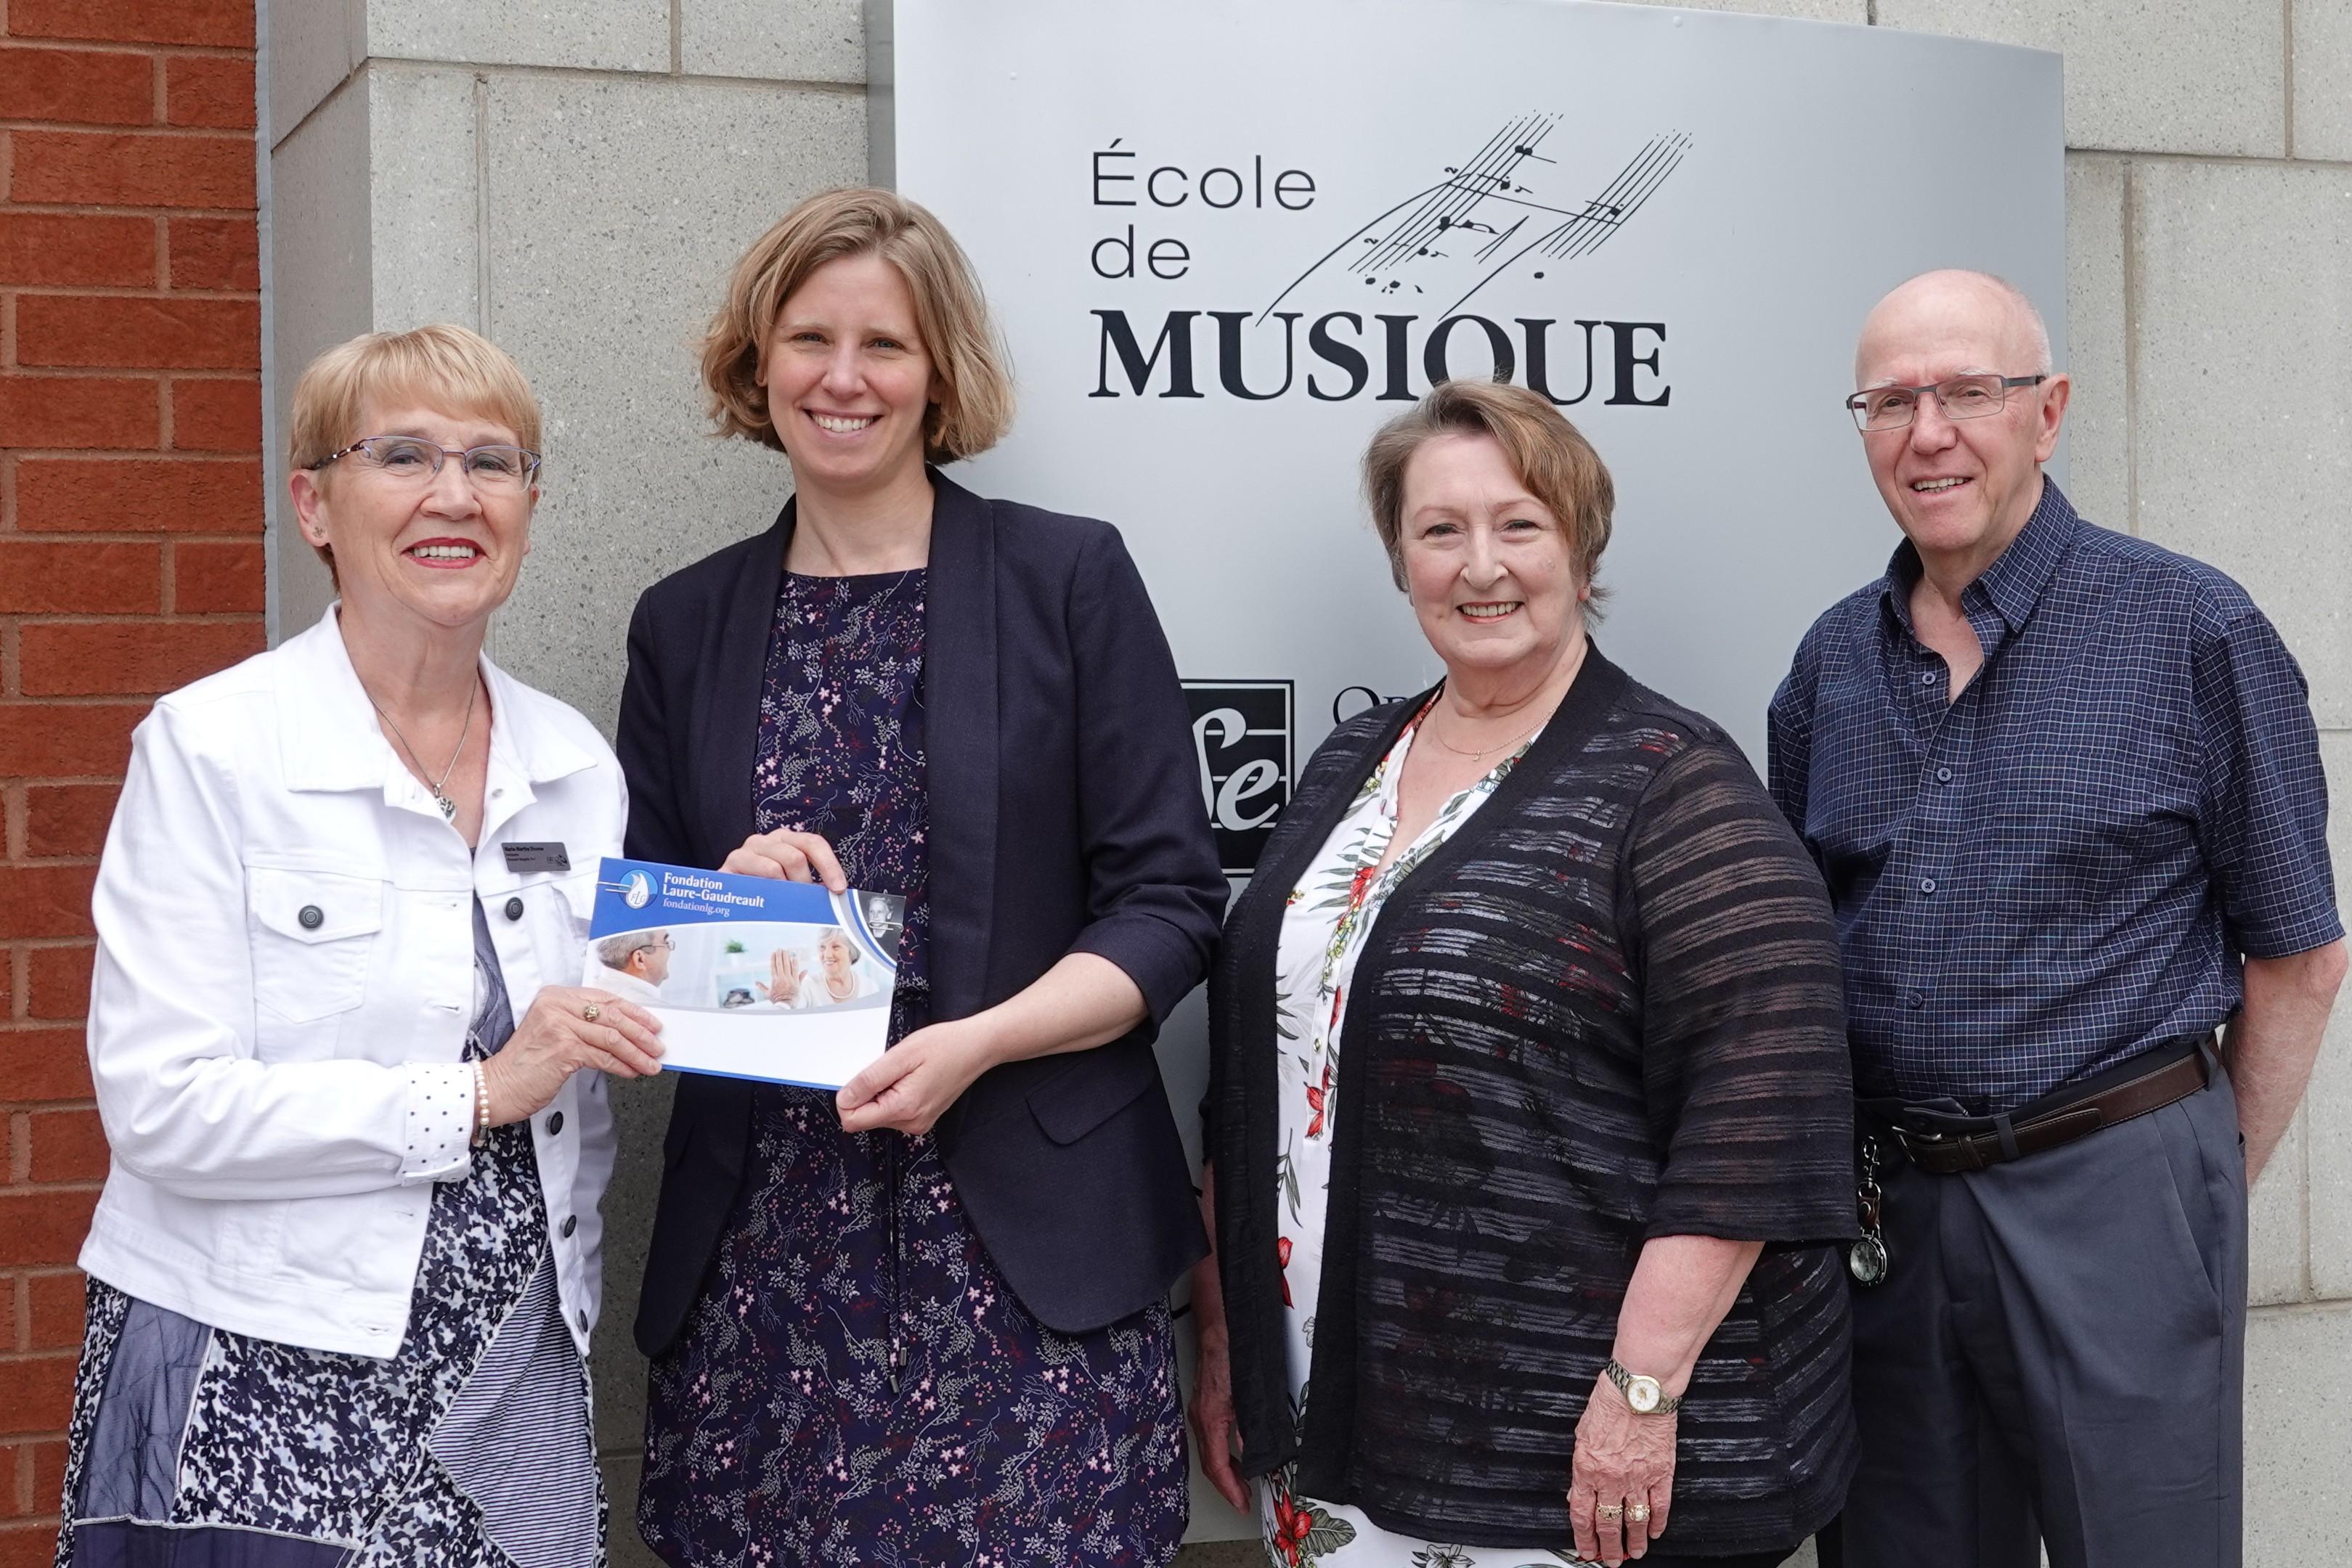 Marie-Marthe Dionne, Julie Quimper, directrice de l'École de musique du Bas-Saint-Laurent, Margot Michaud et Henry Forrest.